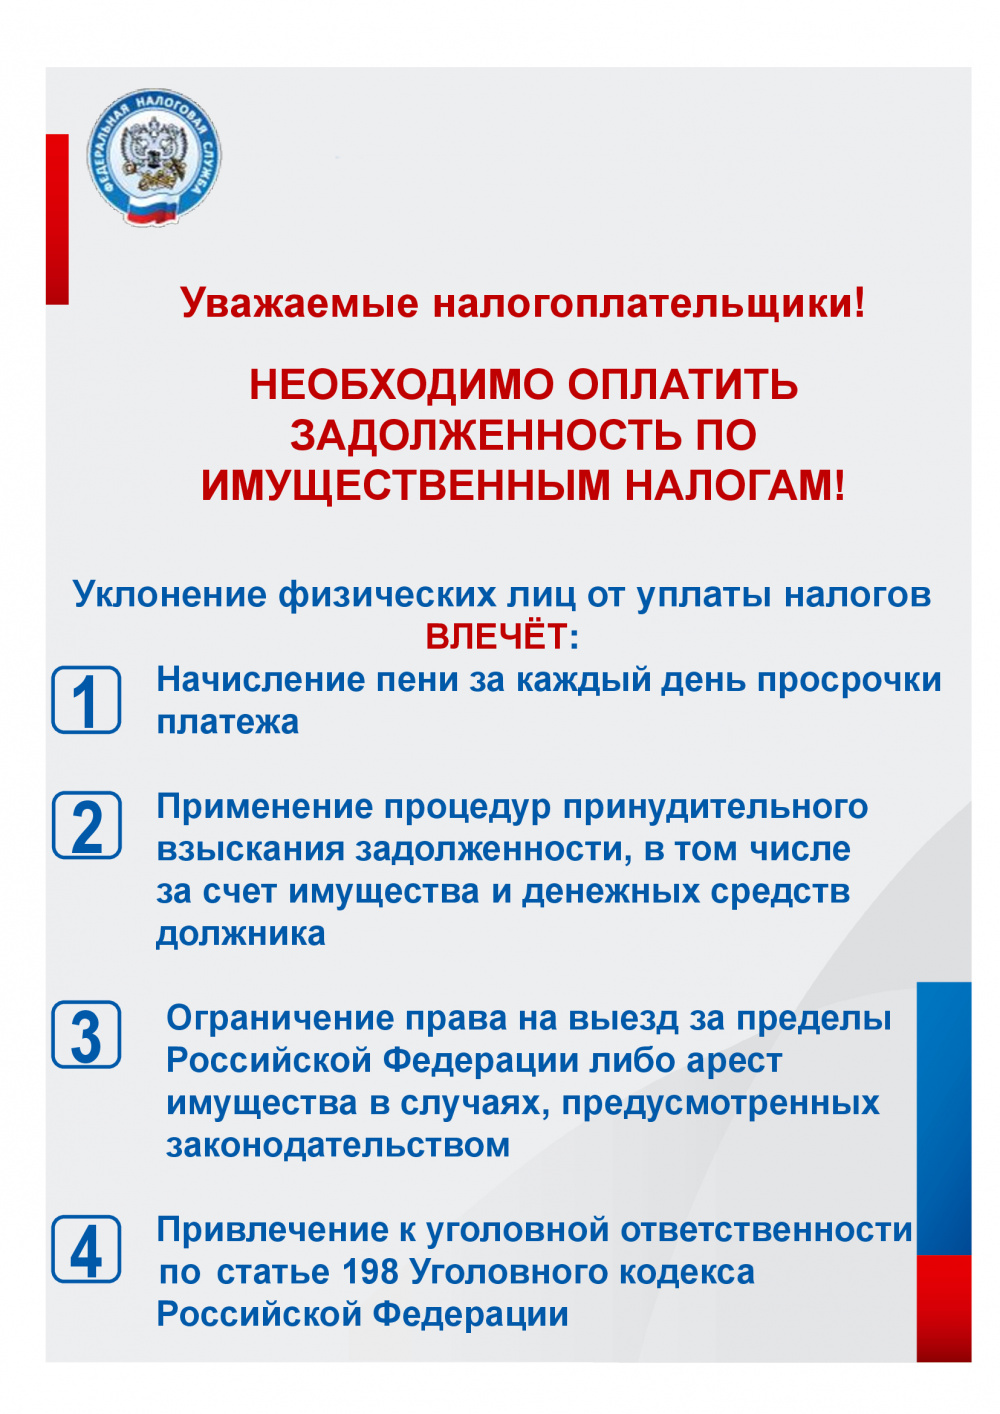 Информация по налогам!